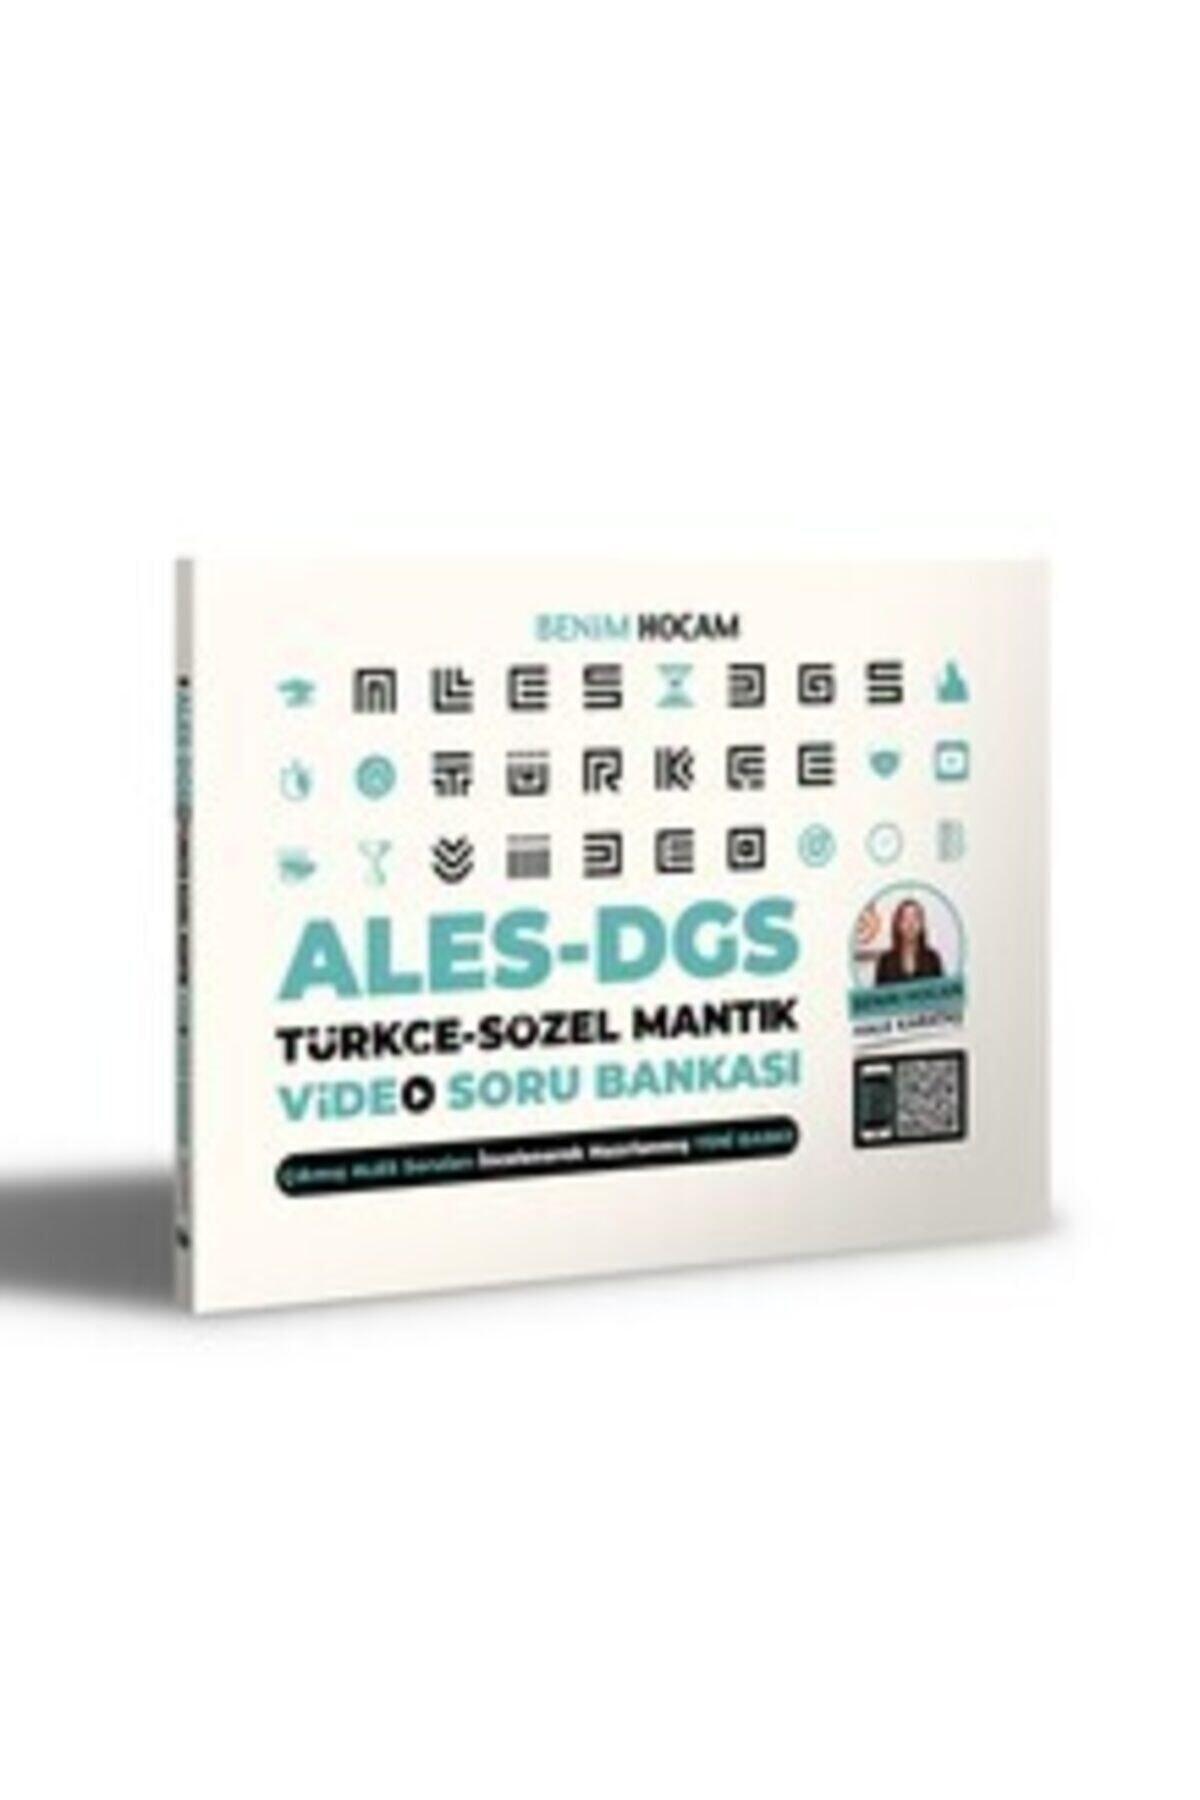 2021 Ales Dgs Türkçe Sözel Mantık Video Soru Bankası